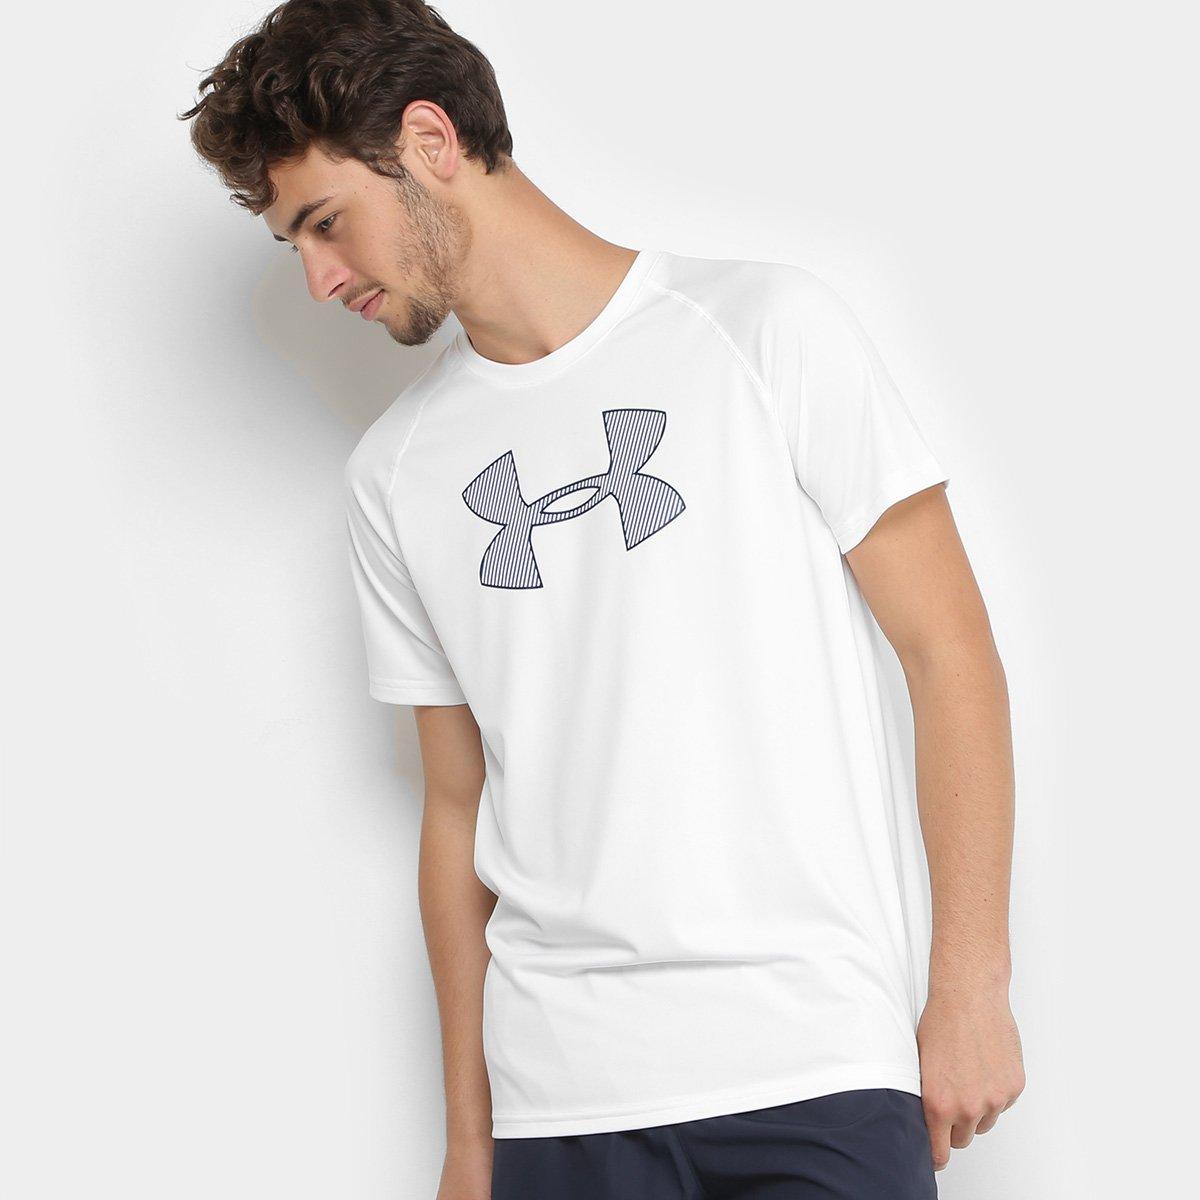 40777a0f5c9 Camiseta Under Armour Big Logo Masculina - Branco e Azul - Compre Agora